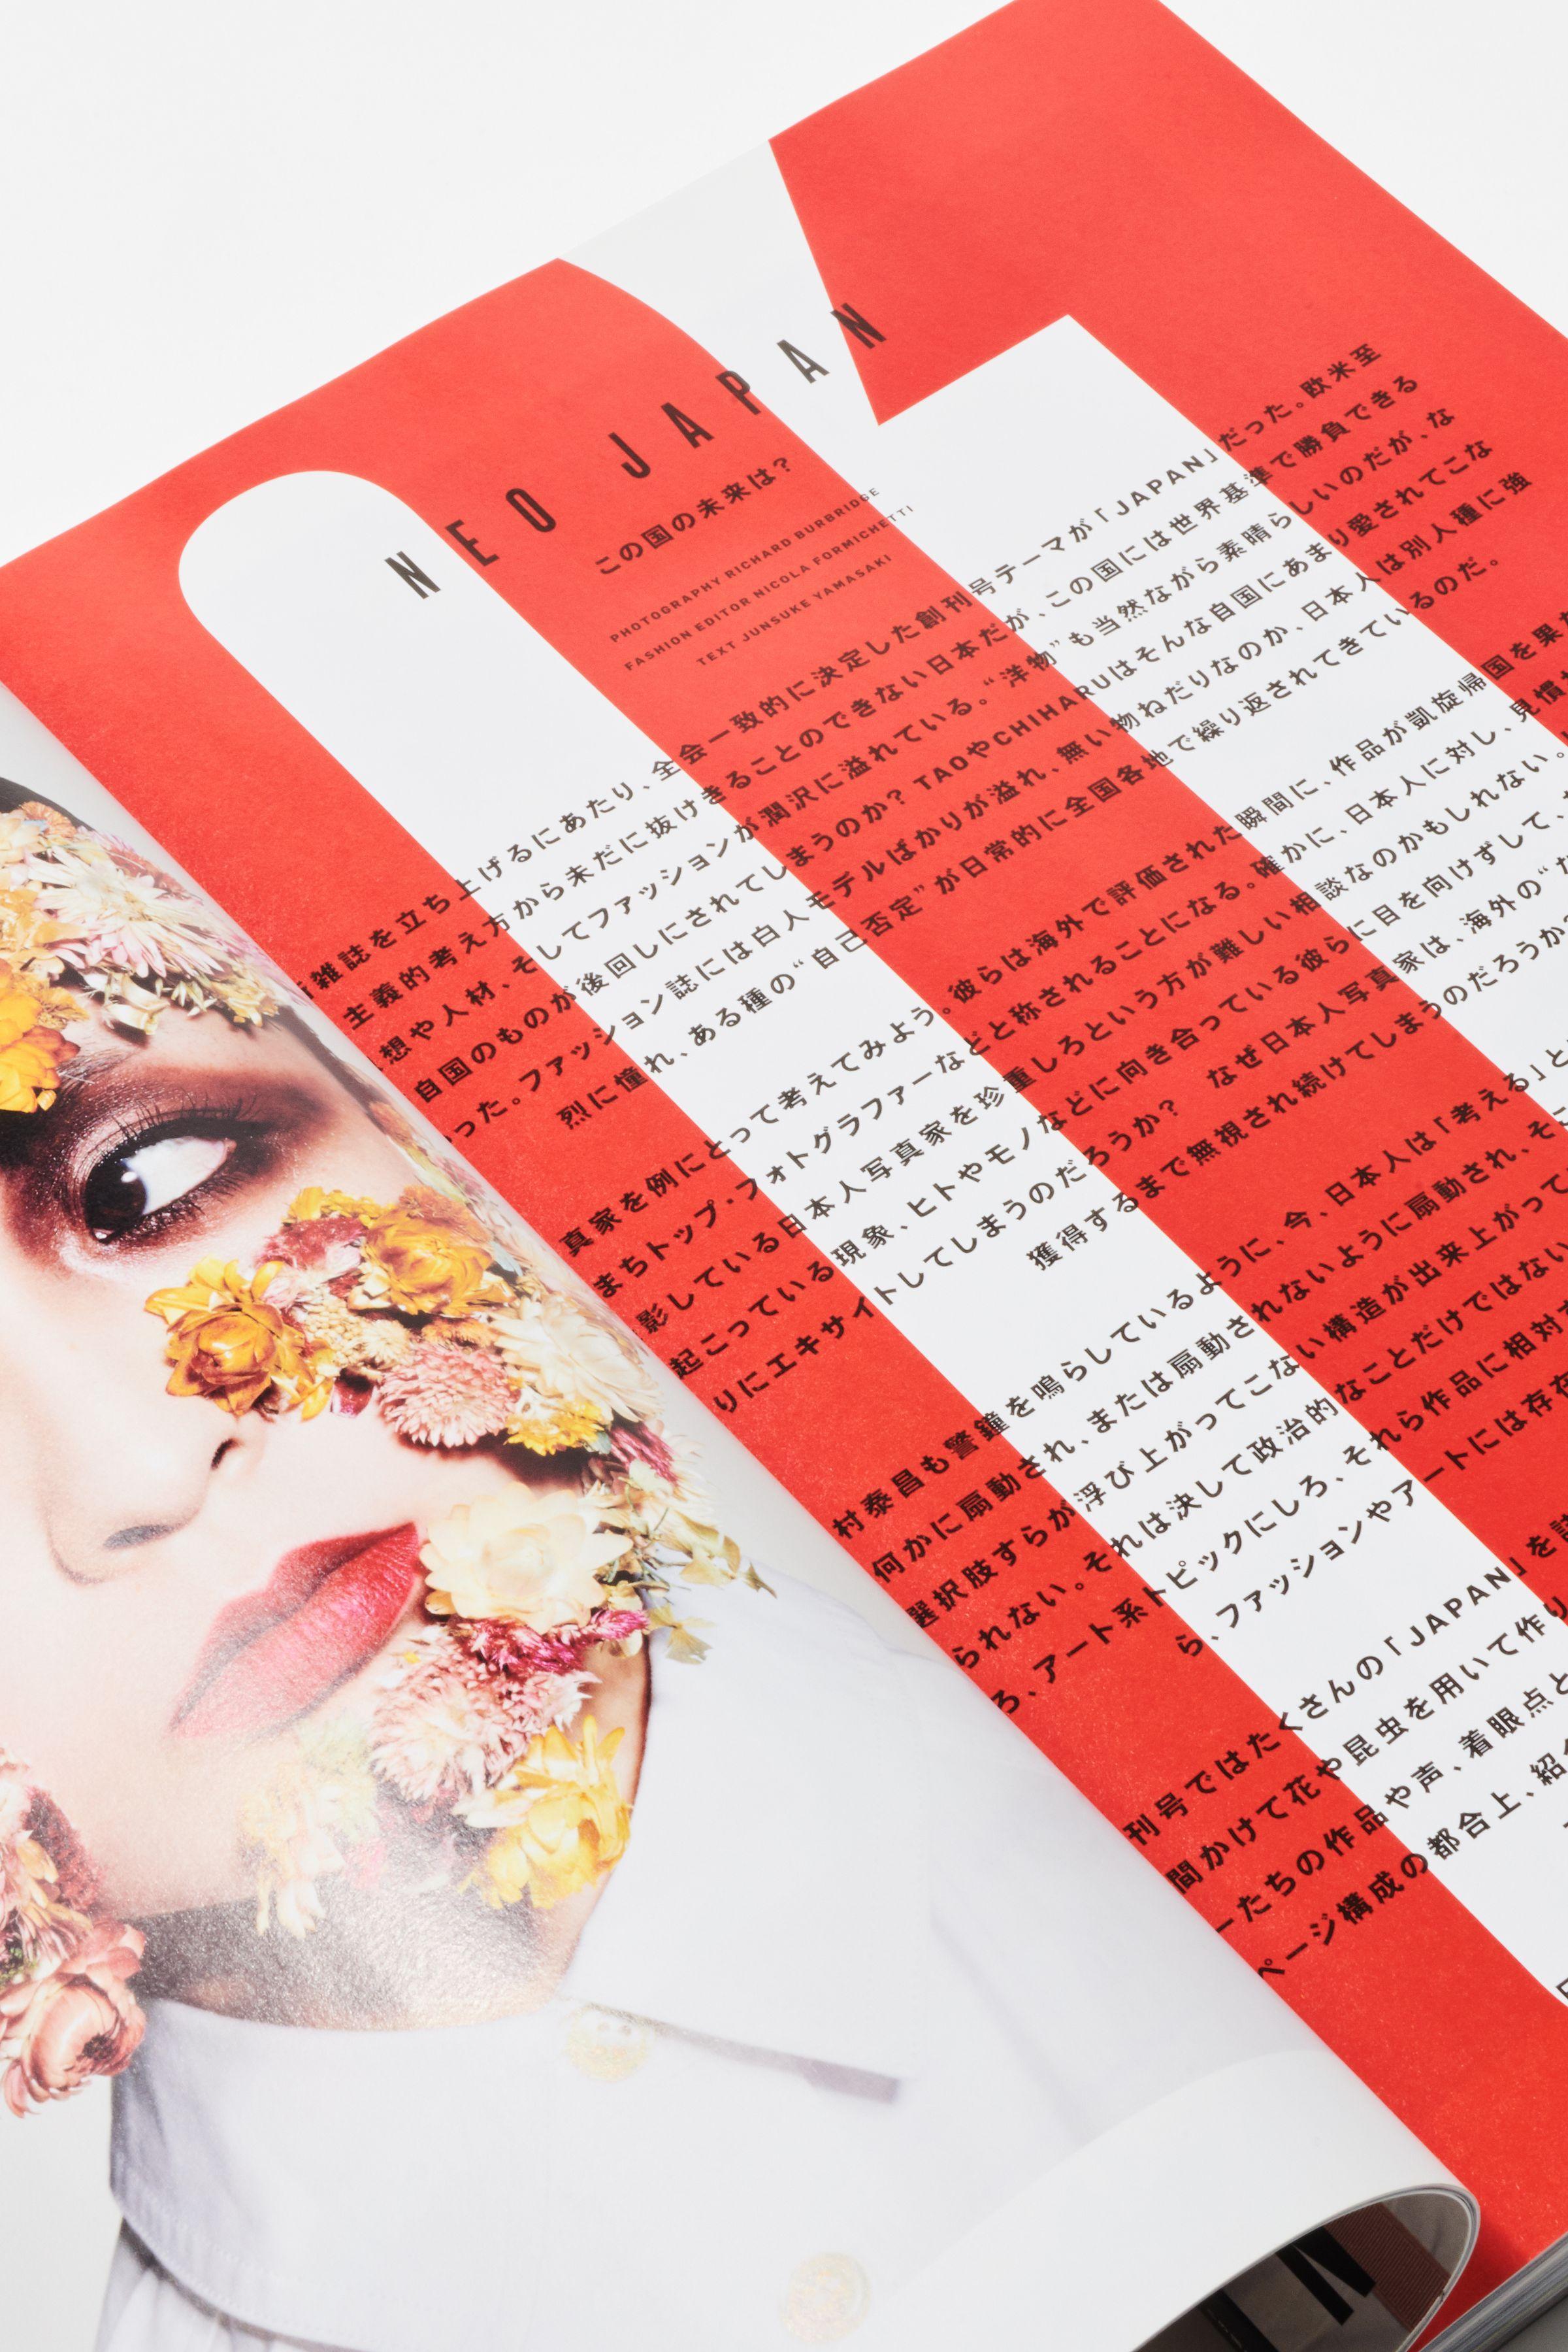 Free Magazine issue 1 layout design detail